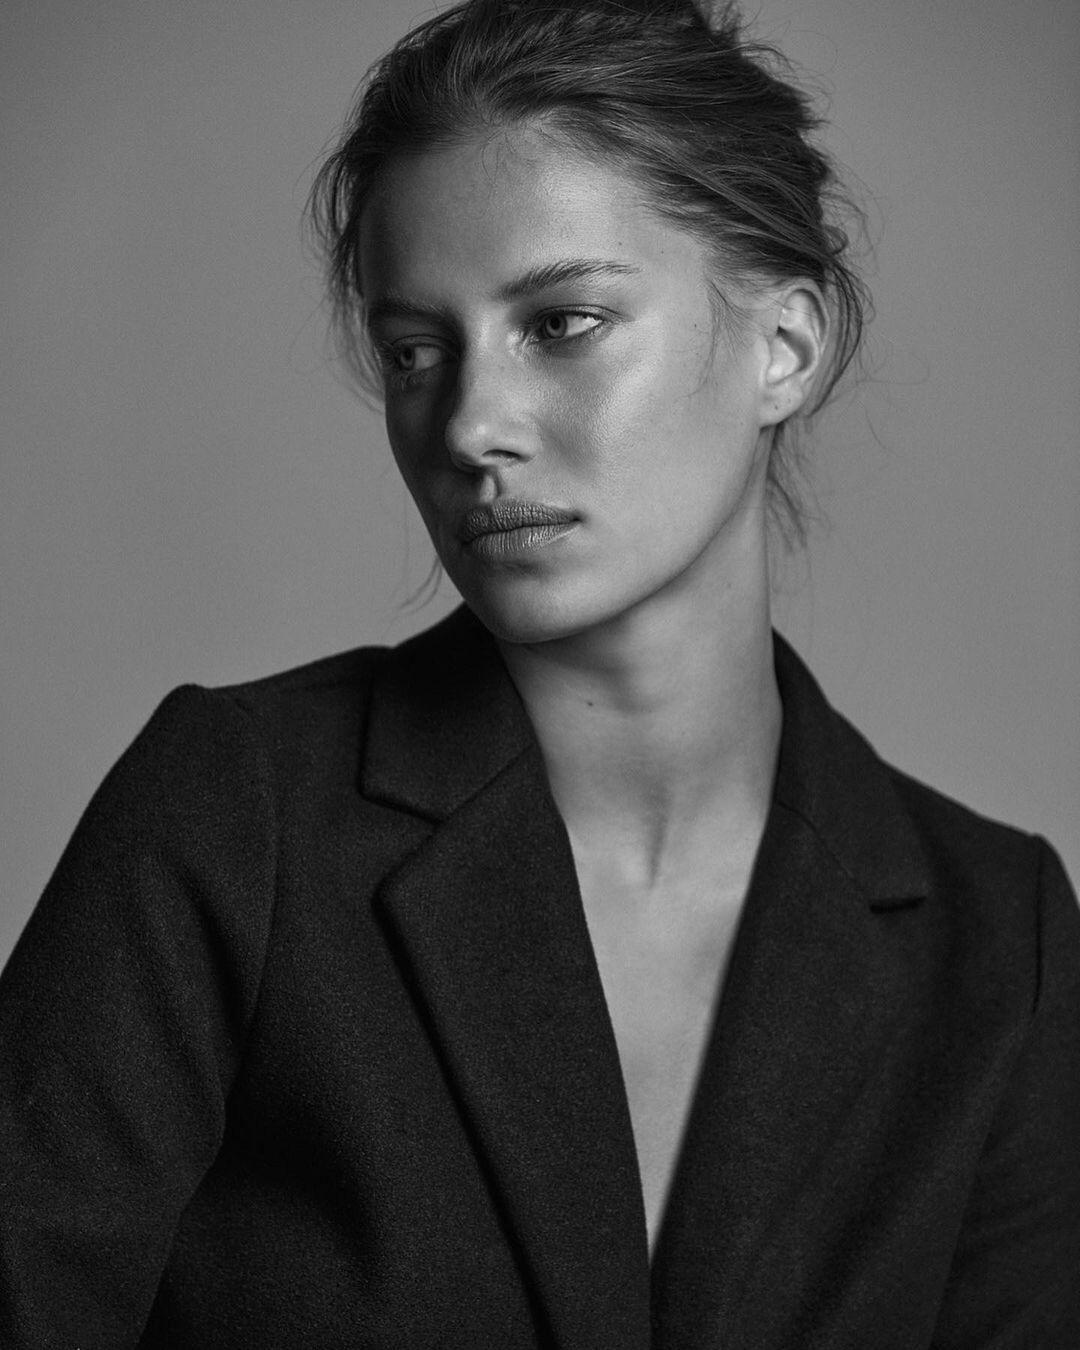 Nicole Poturalski by Marie Schmidt